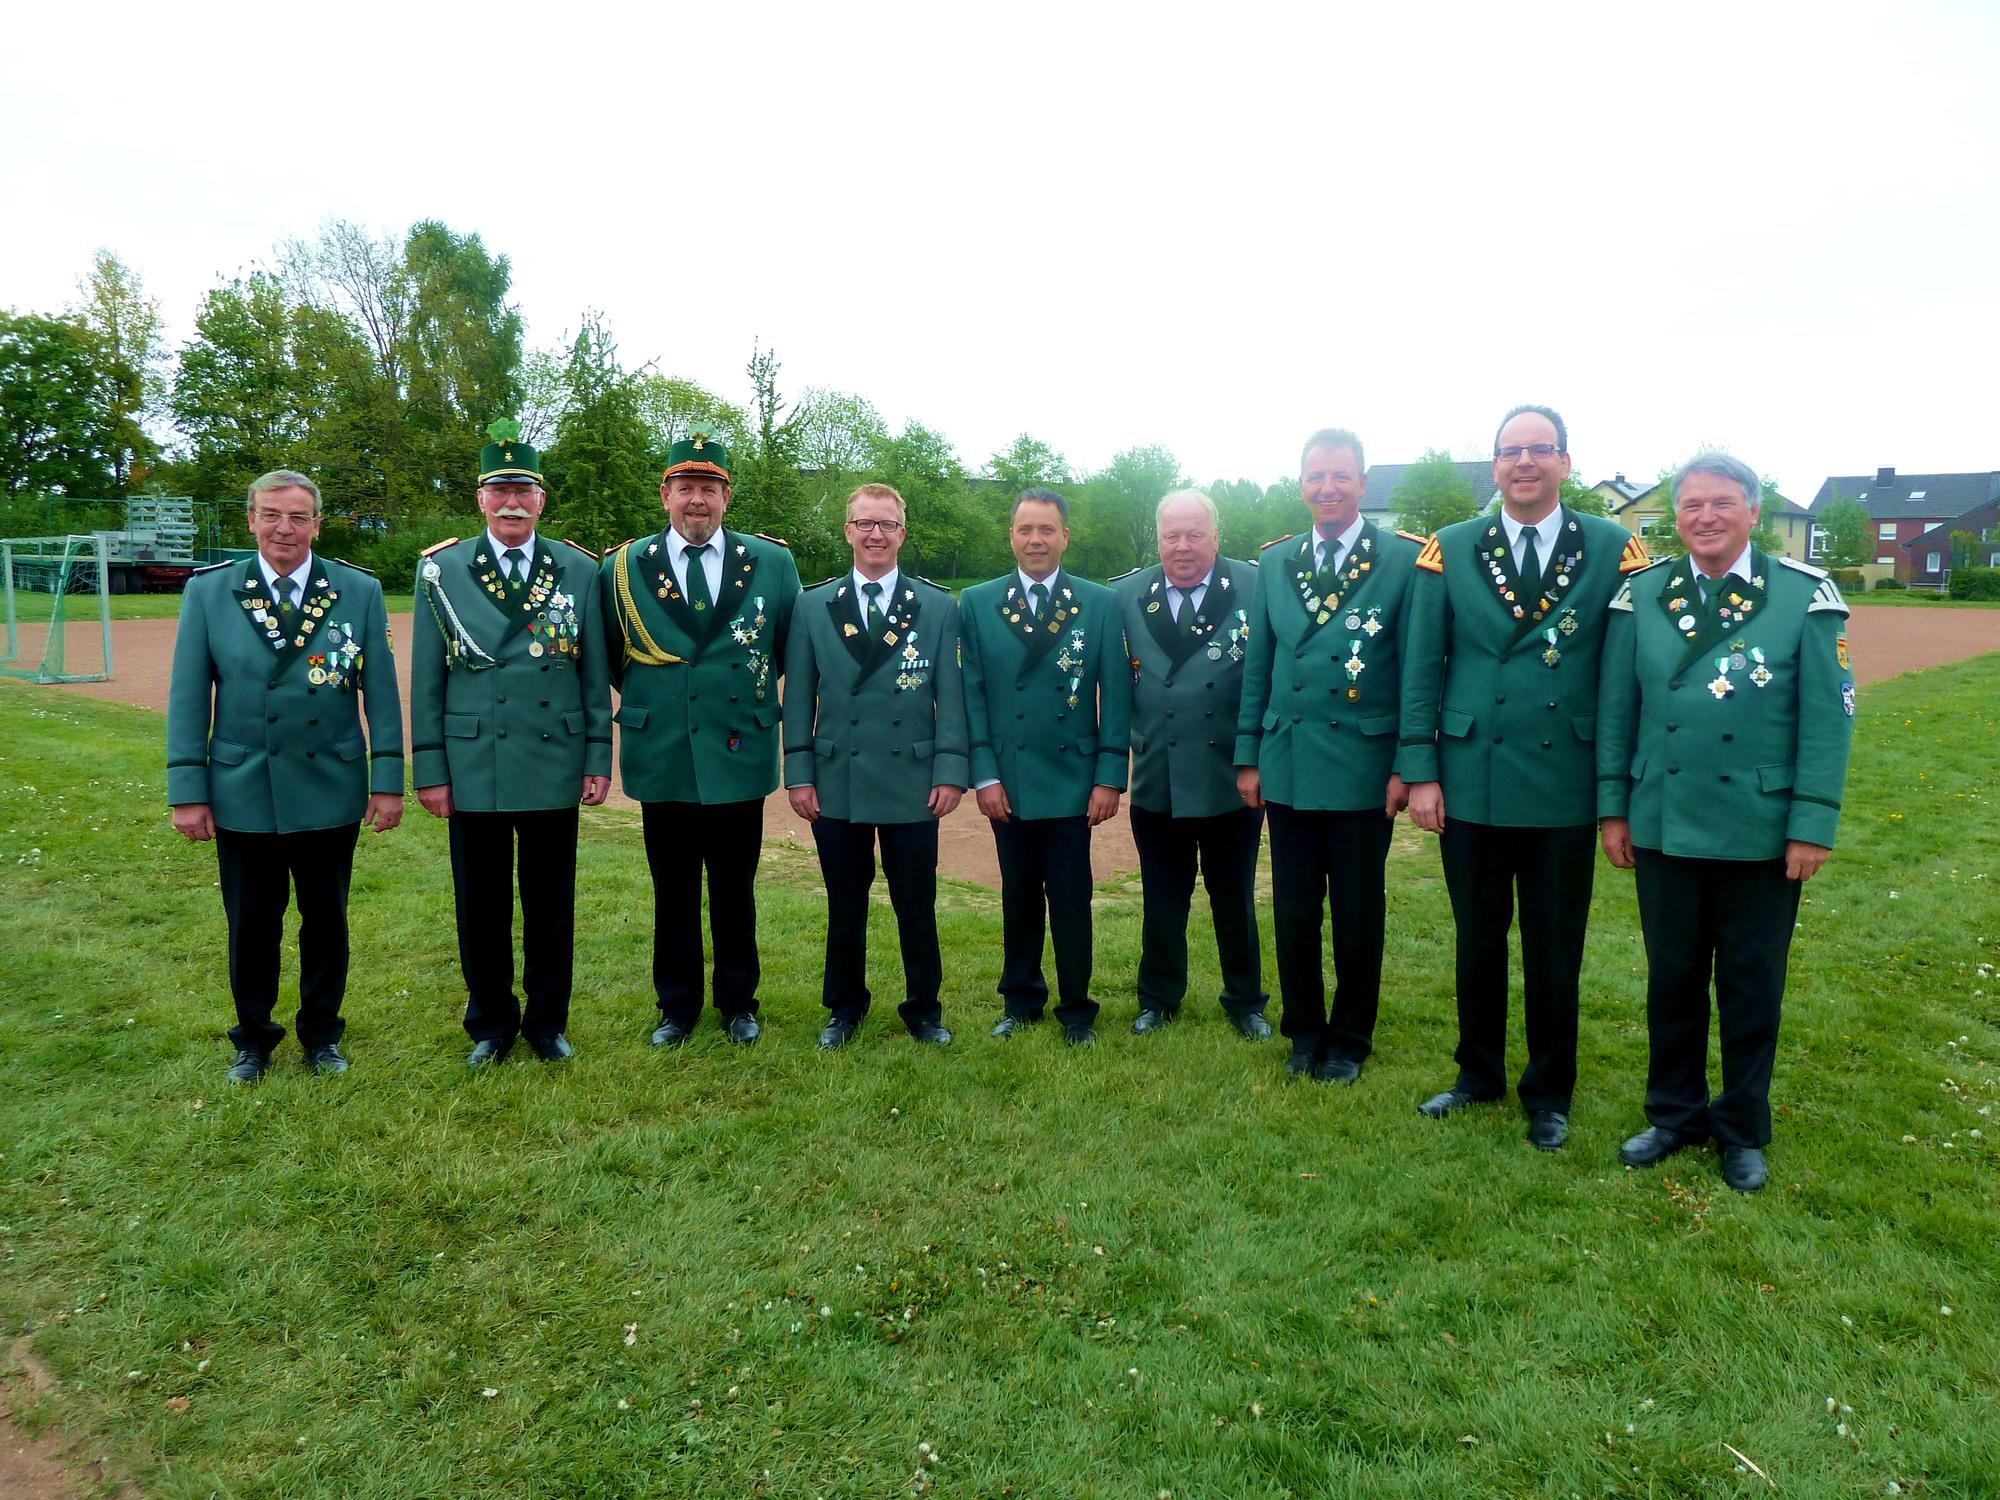 Horst Miks, Hans Schütte, Martin Sill, Thomas Tegetmeyer, Klaus Michel, Hans-Josef Schröder, Reinhard Schlepphorst, Frank Neumann, Werner Niggemeier